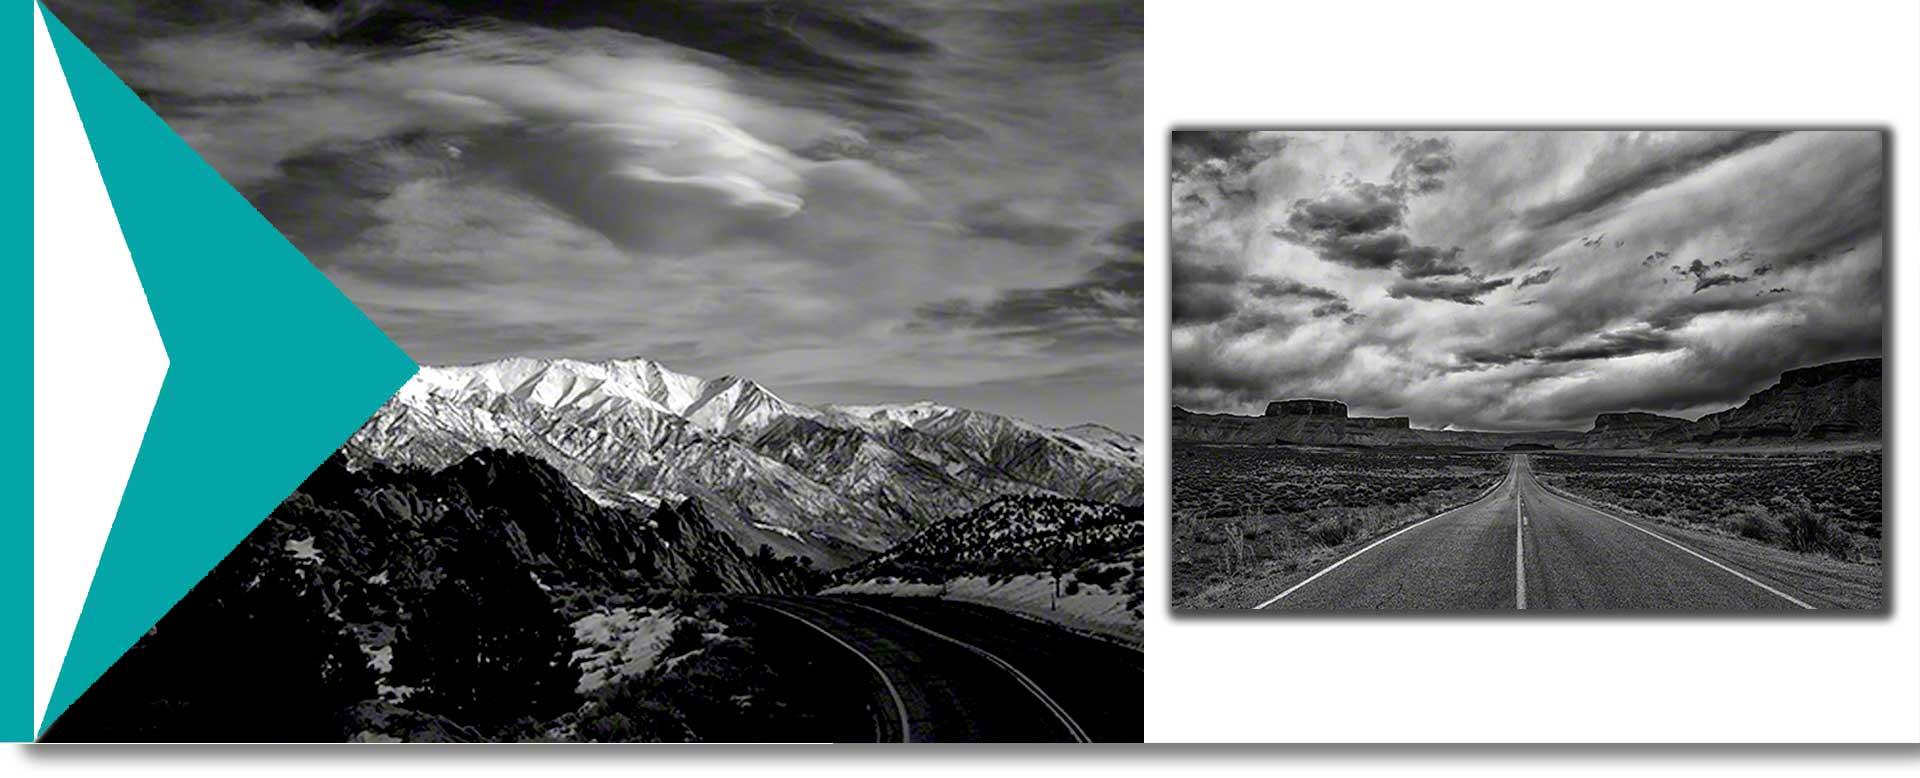 Stunning Black and Whites 16 - ویژگی عکس های سیاه و سفید کدامند و چگونه میتوان به آنها دست یافت ؟